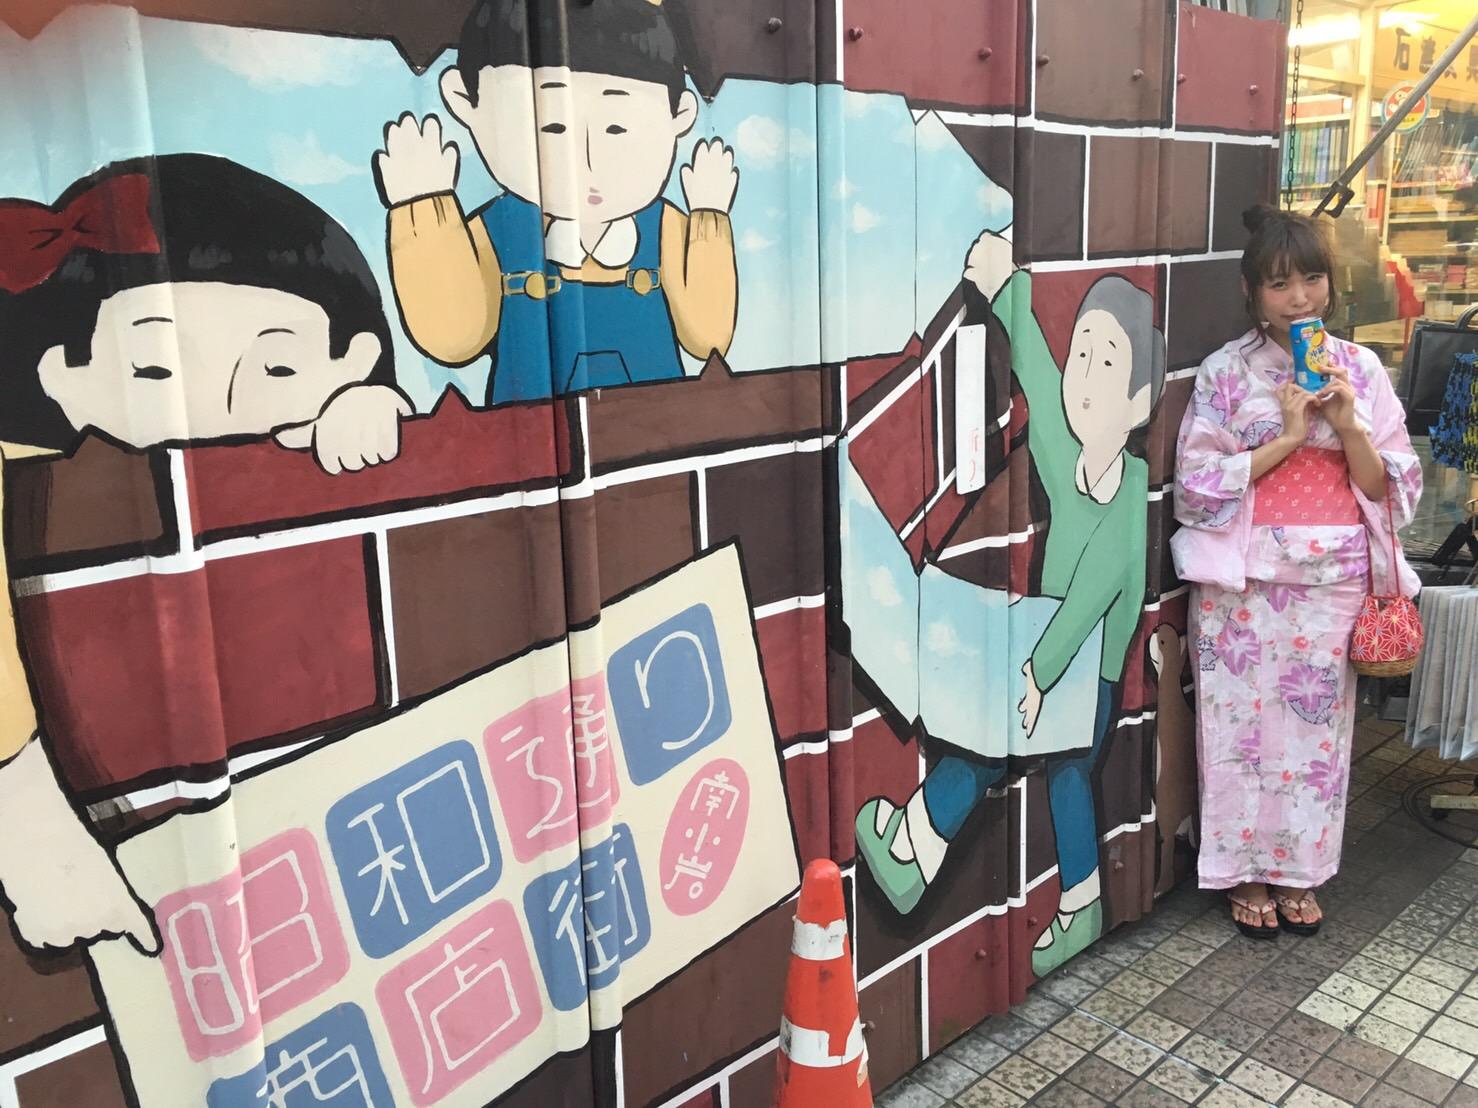 今年の花火大会は江戸川花火大会へ行ってきました!